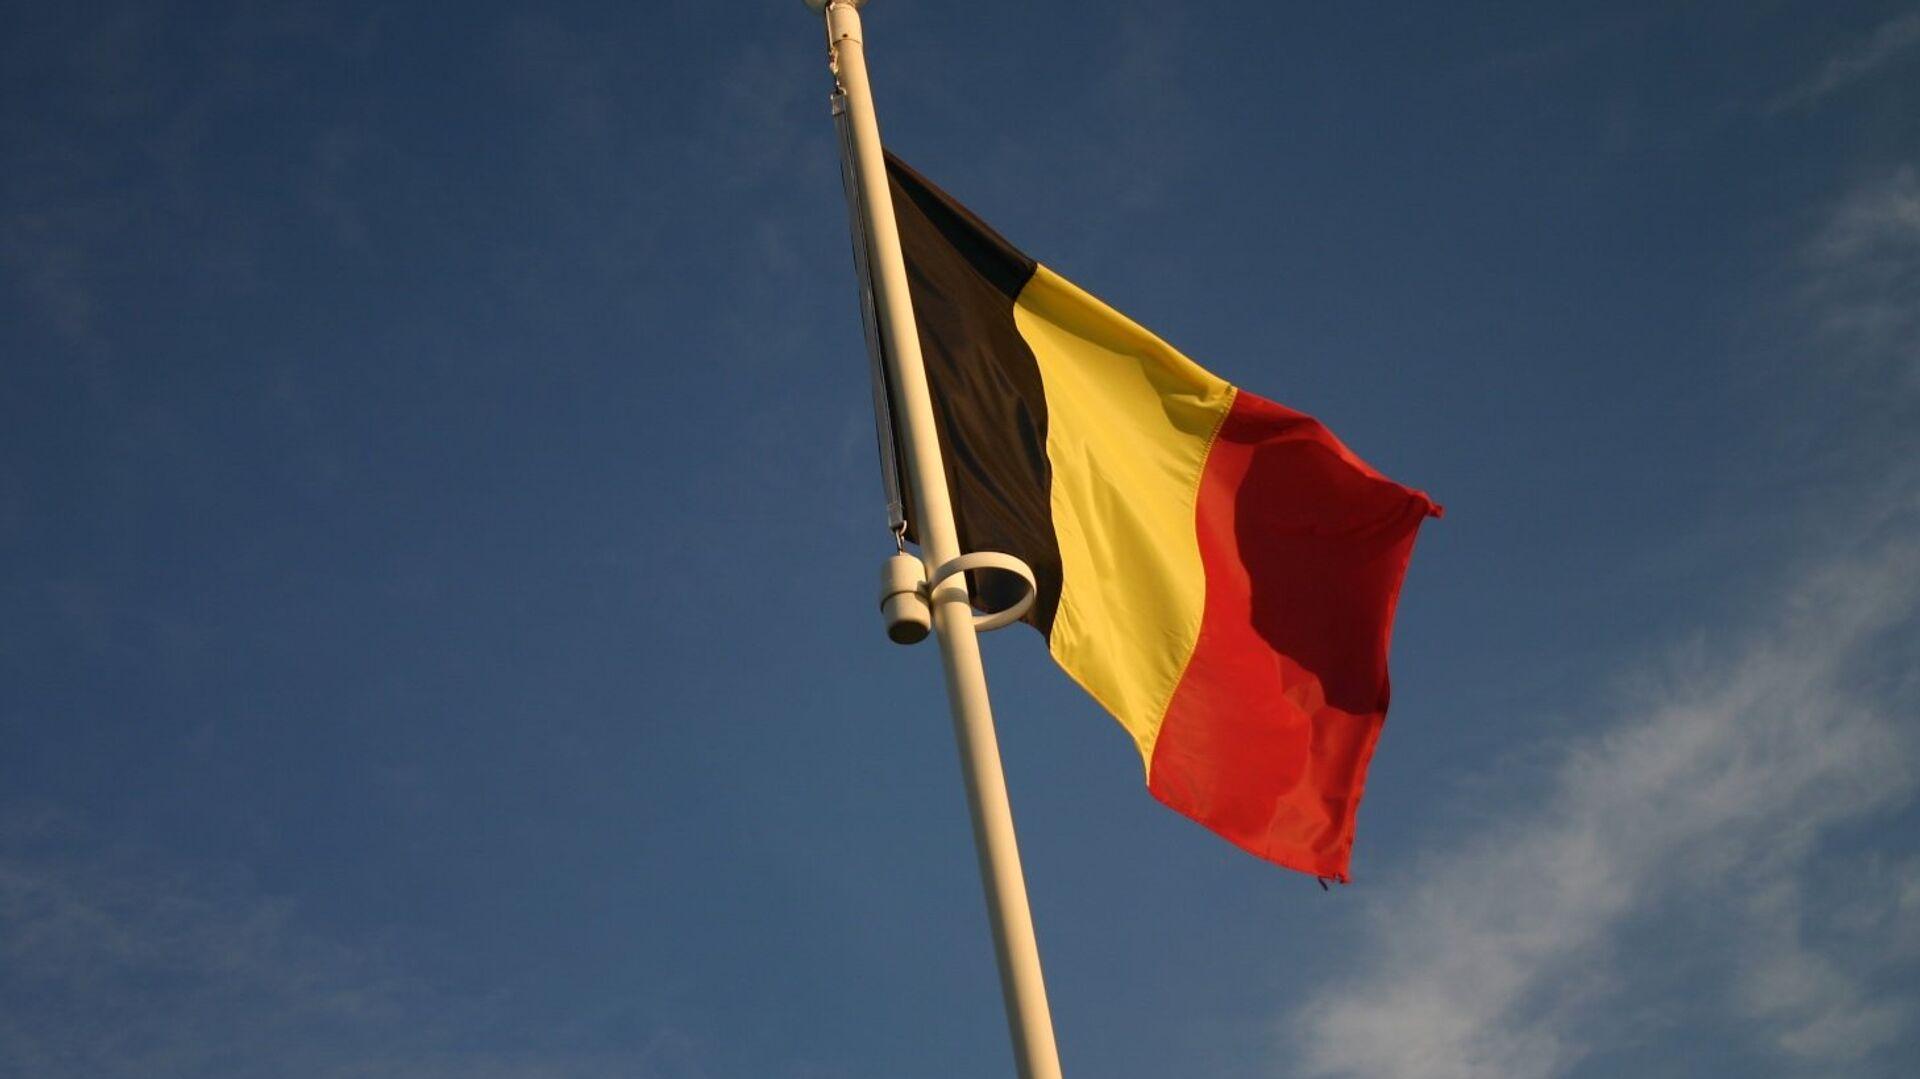 Bandera de Bélgica (imagen referencial) - Sputnik Mundo, 1920, 09.07.2021